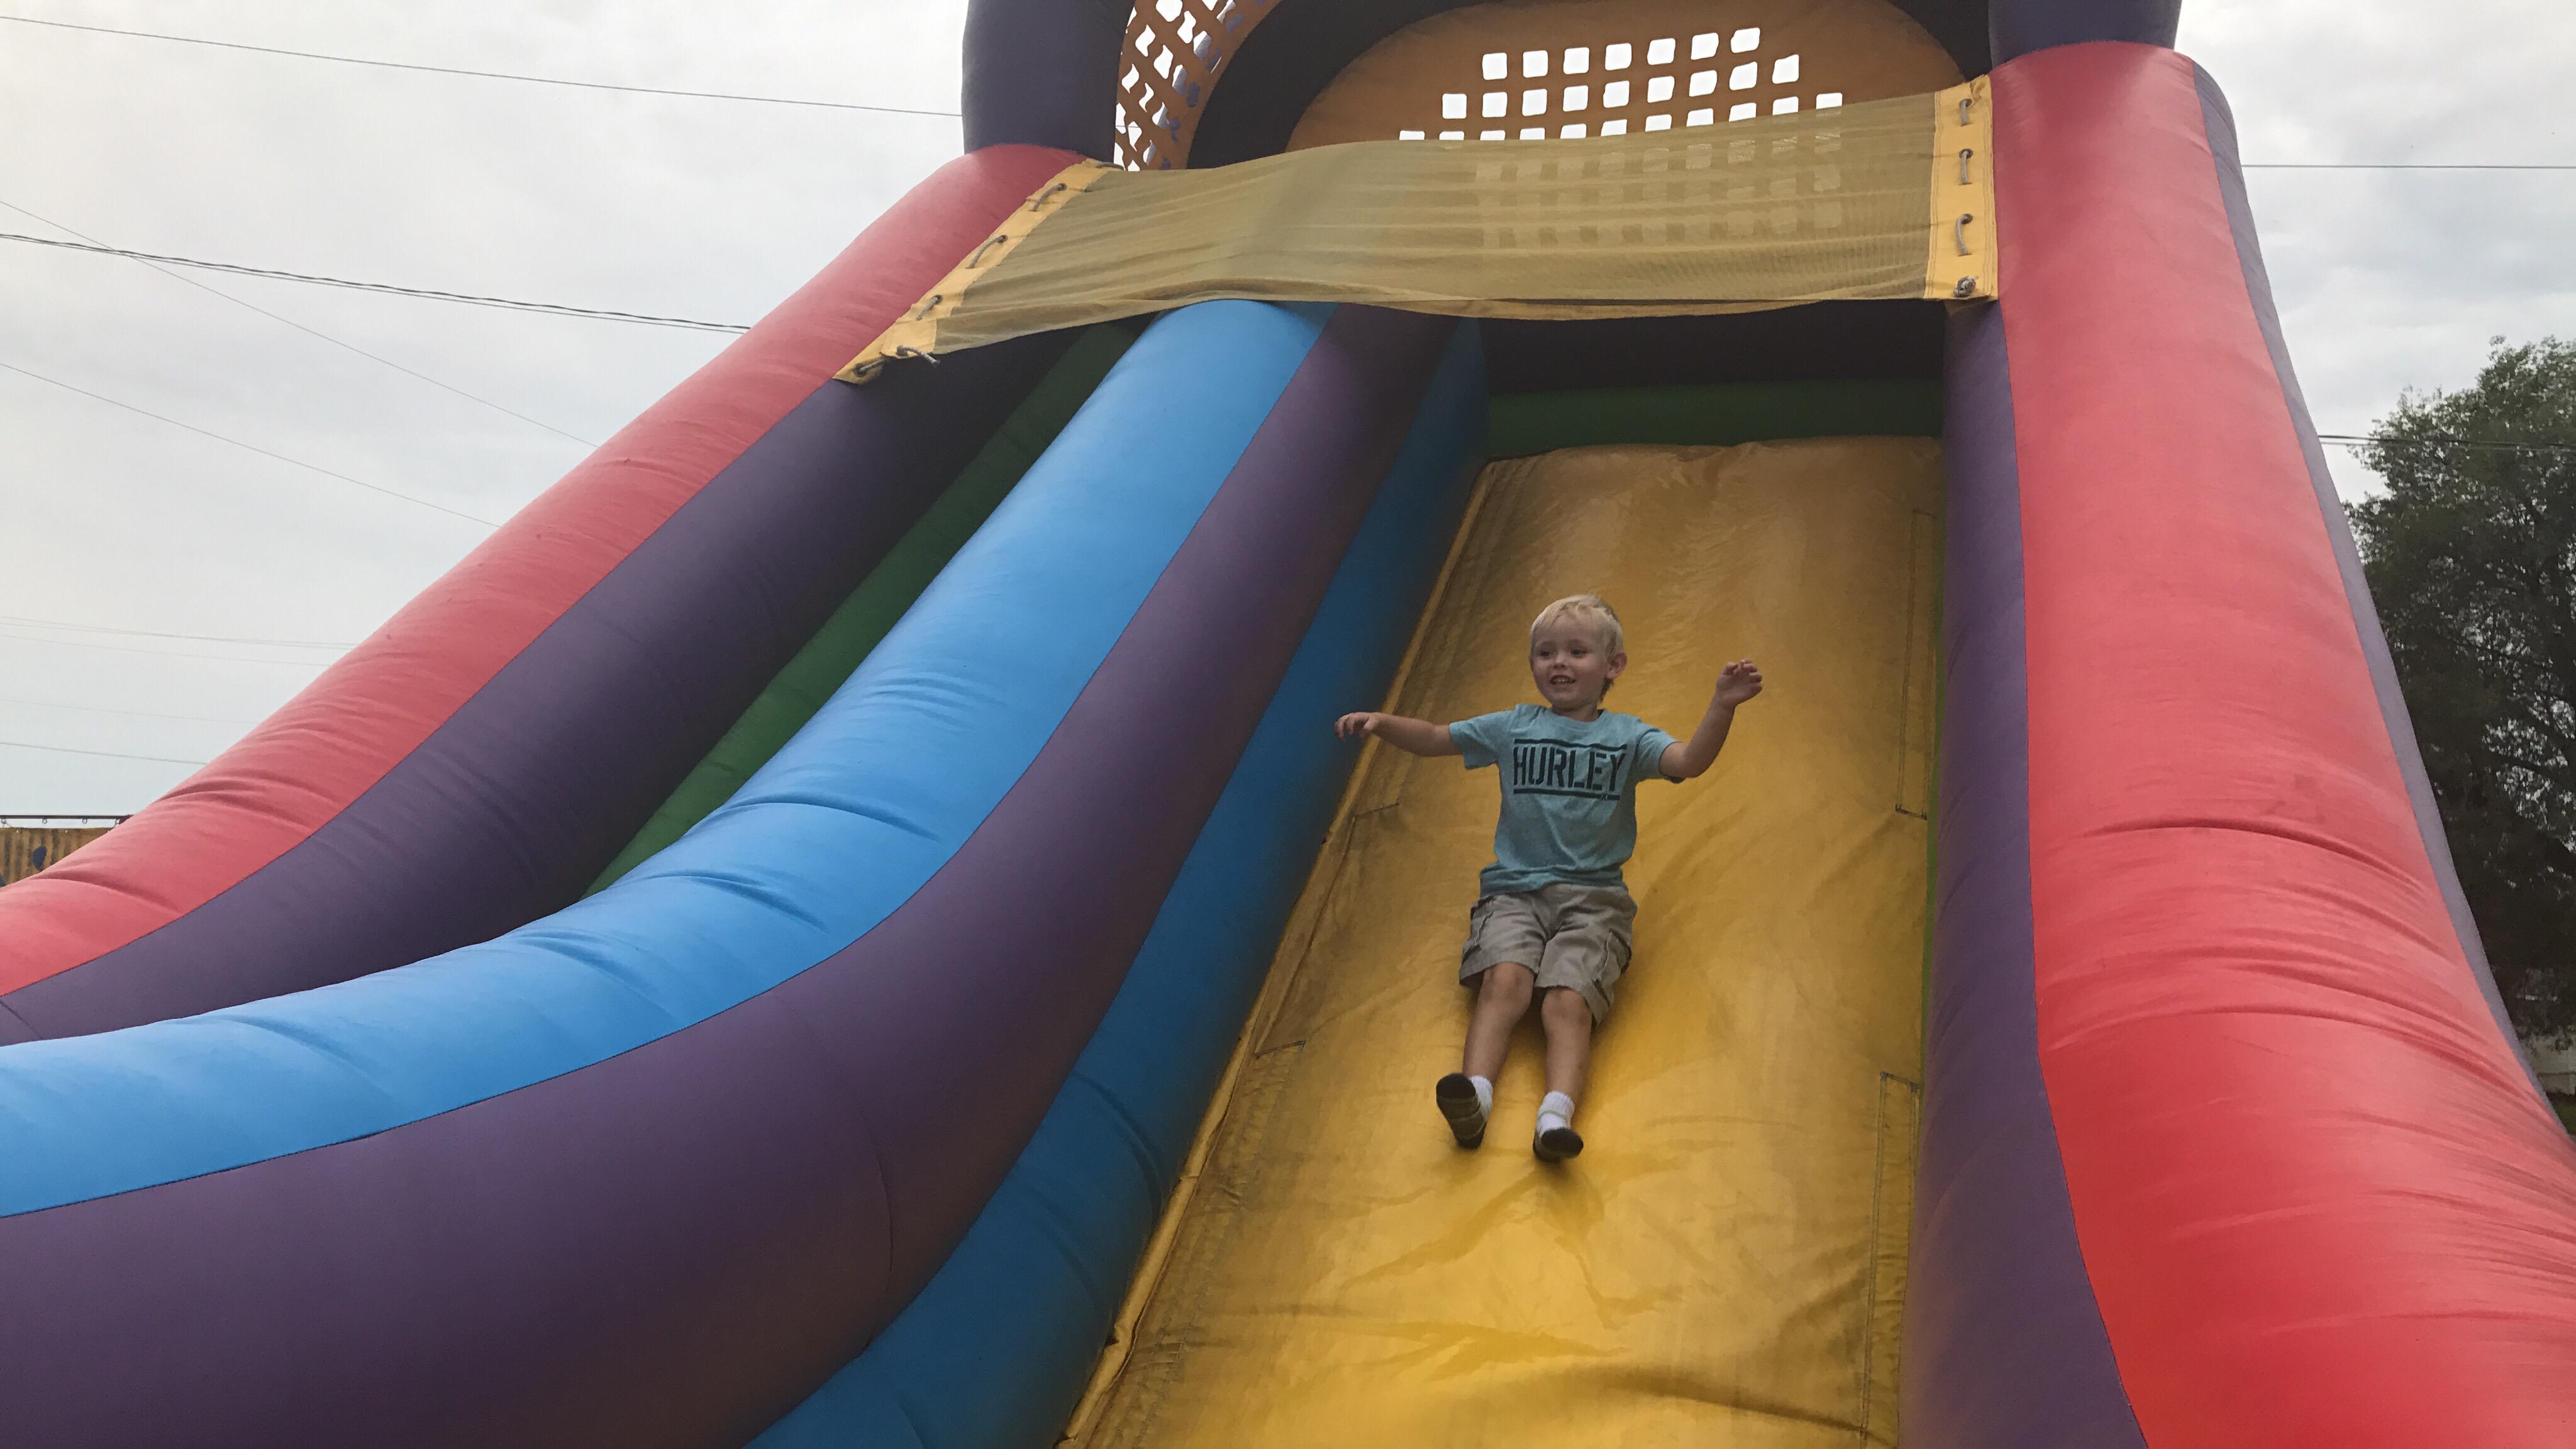 That looks fun!